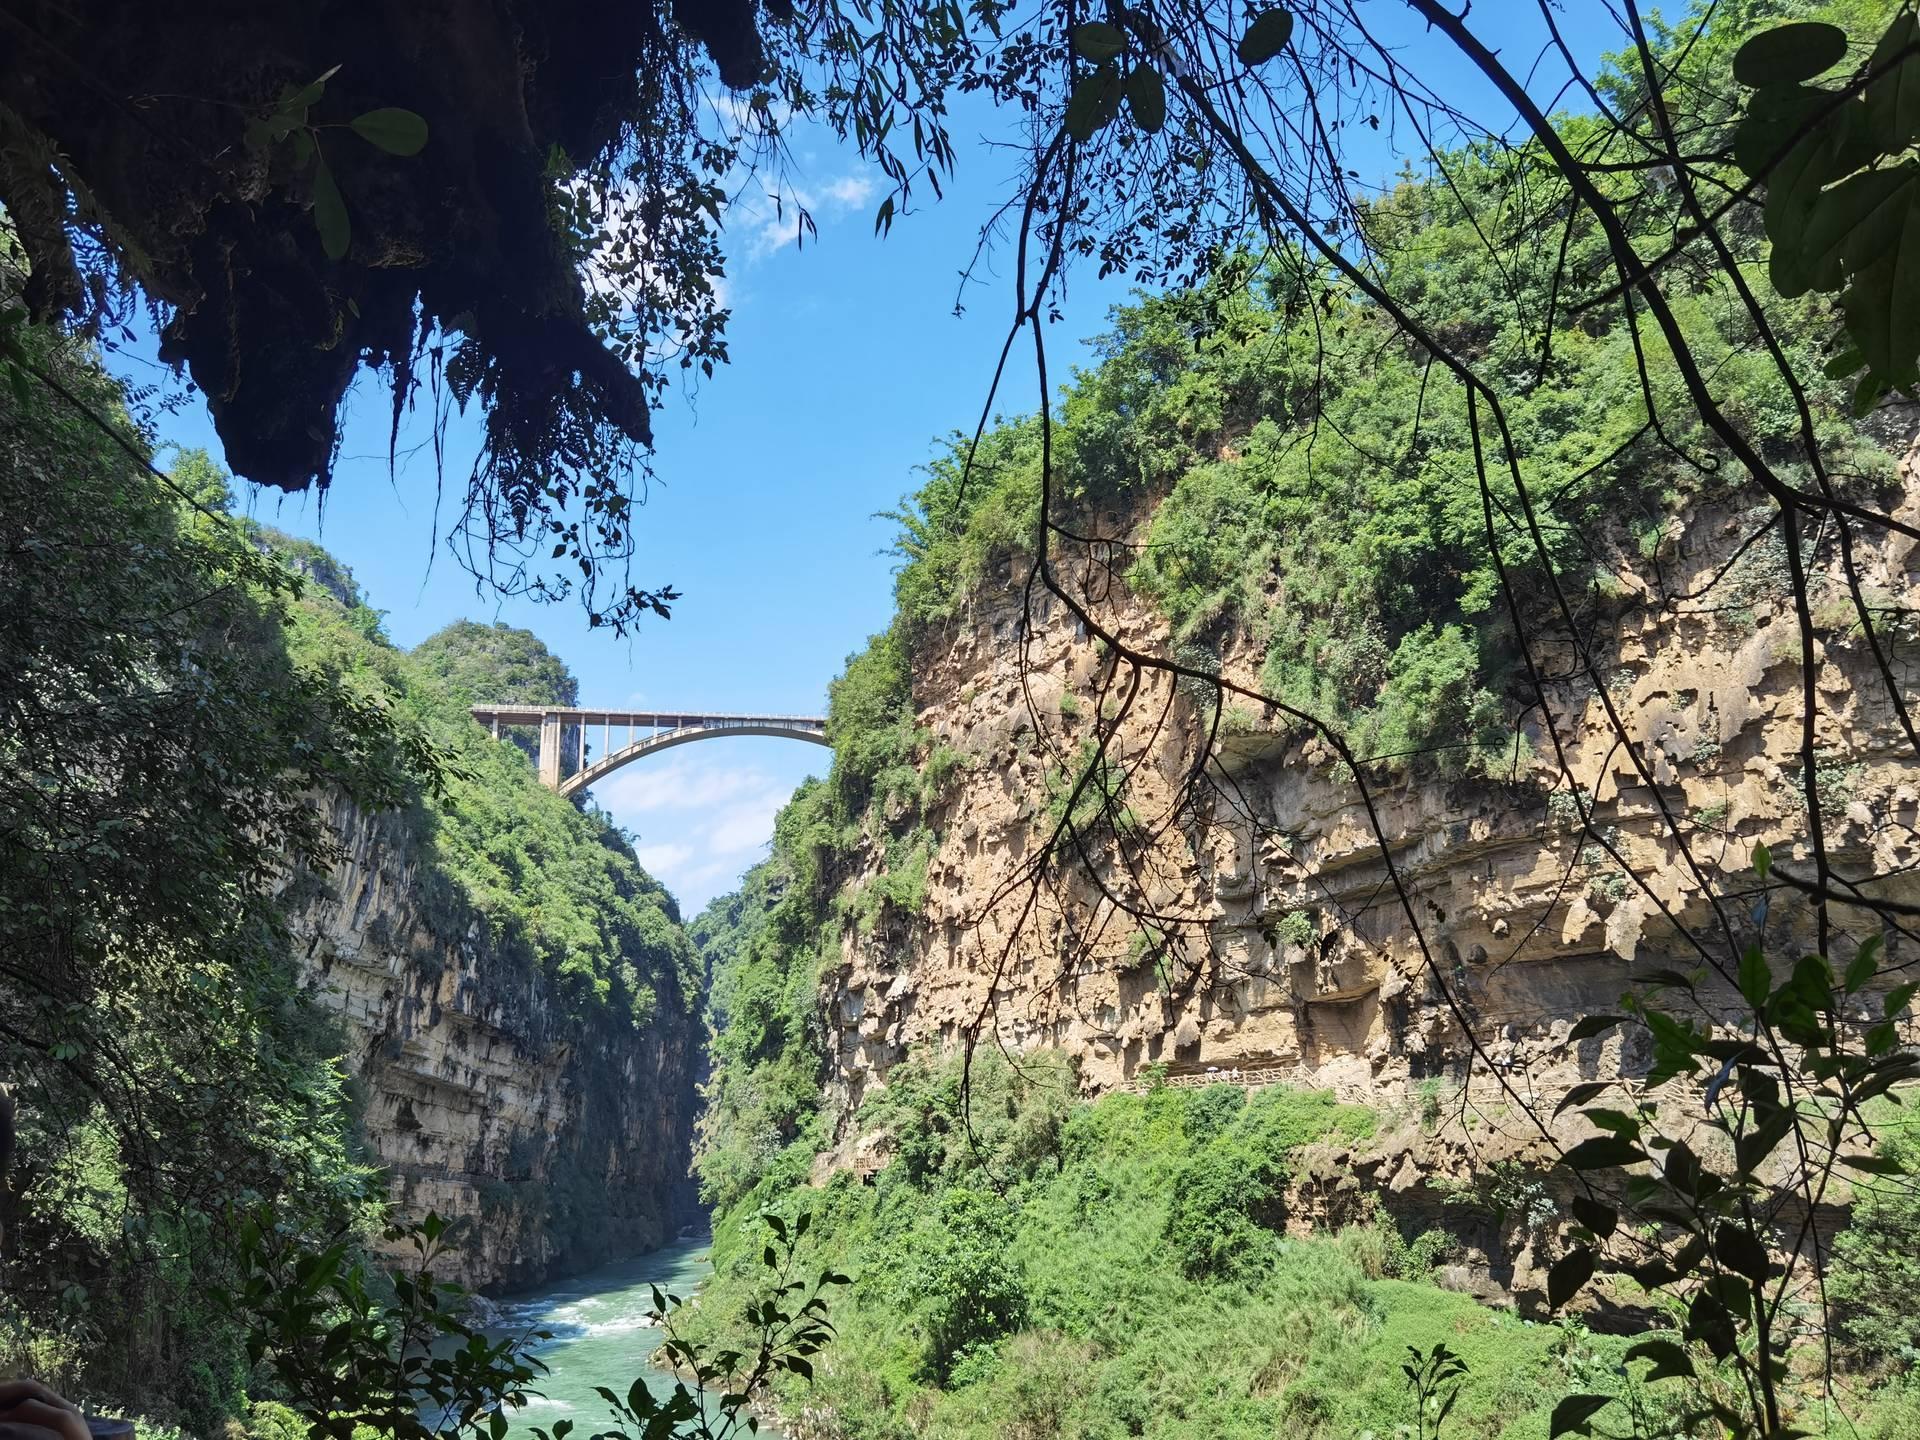 馬嶺河峡谷の写真